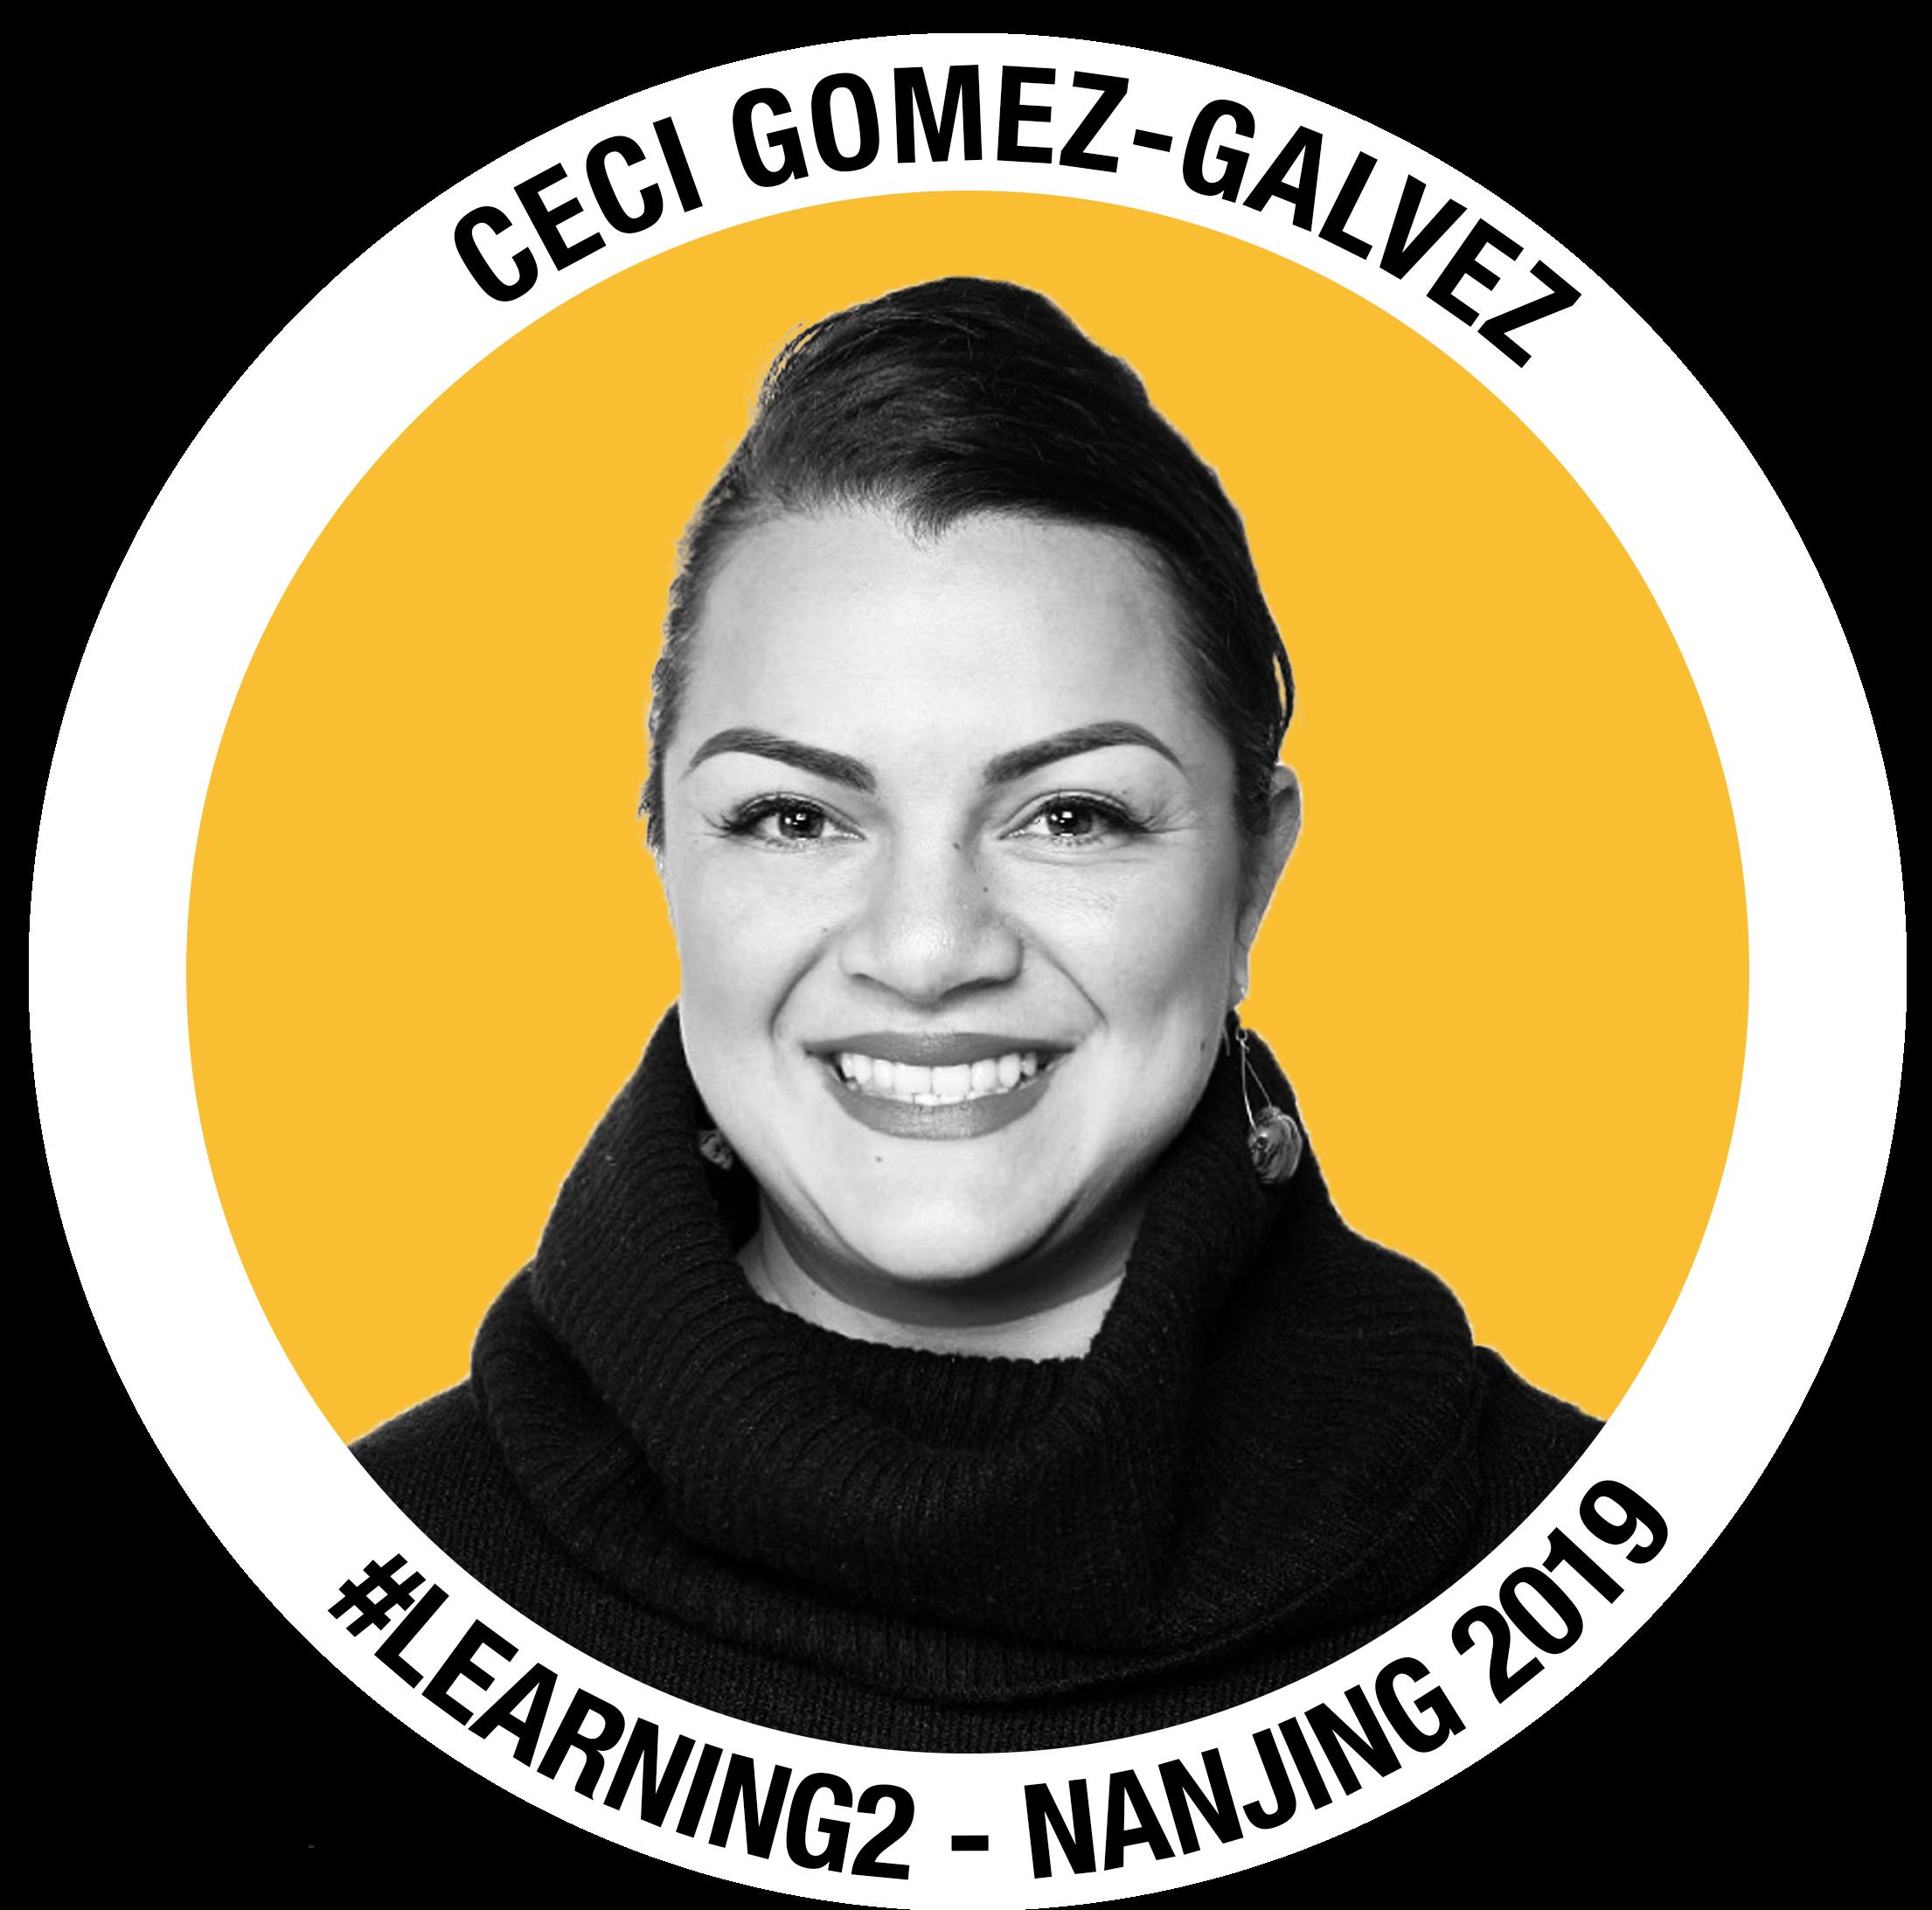 Ceci Gomez-Galvez